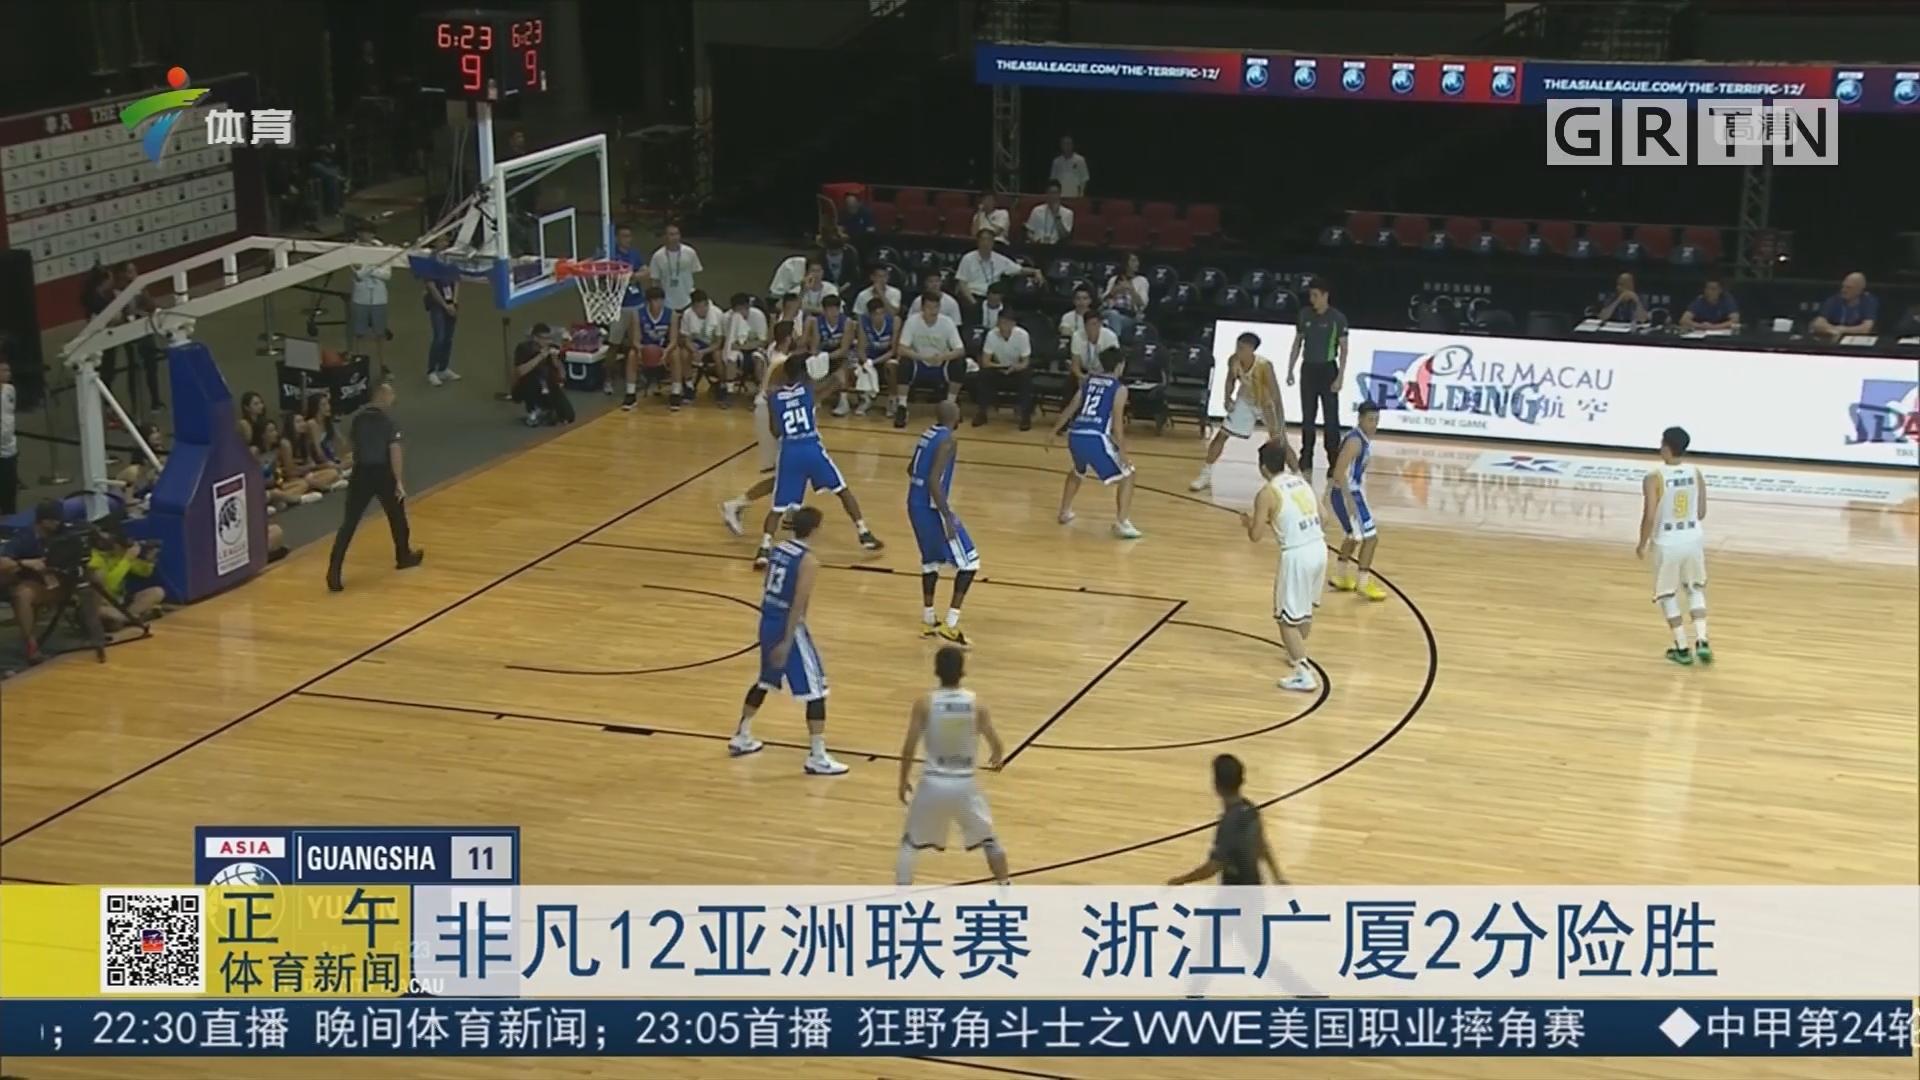 非凡12亚洲联赛 浙江广厦2分险胜